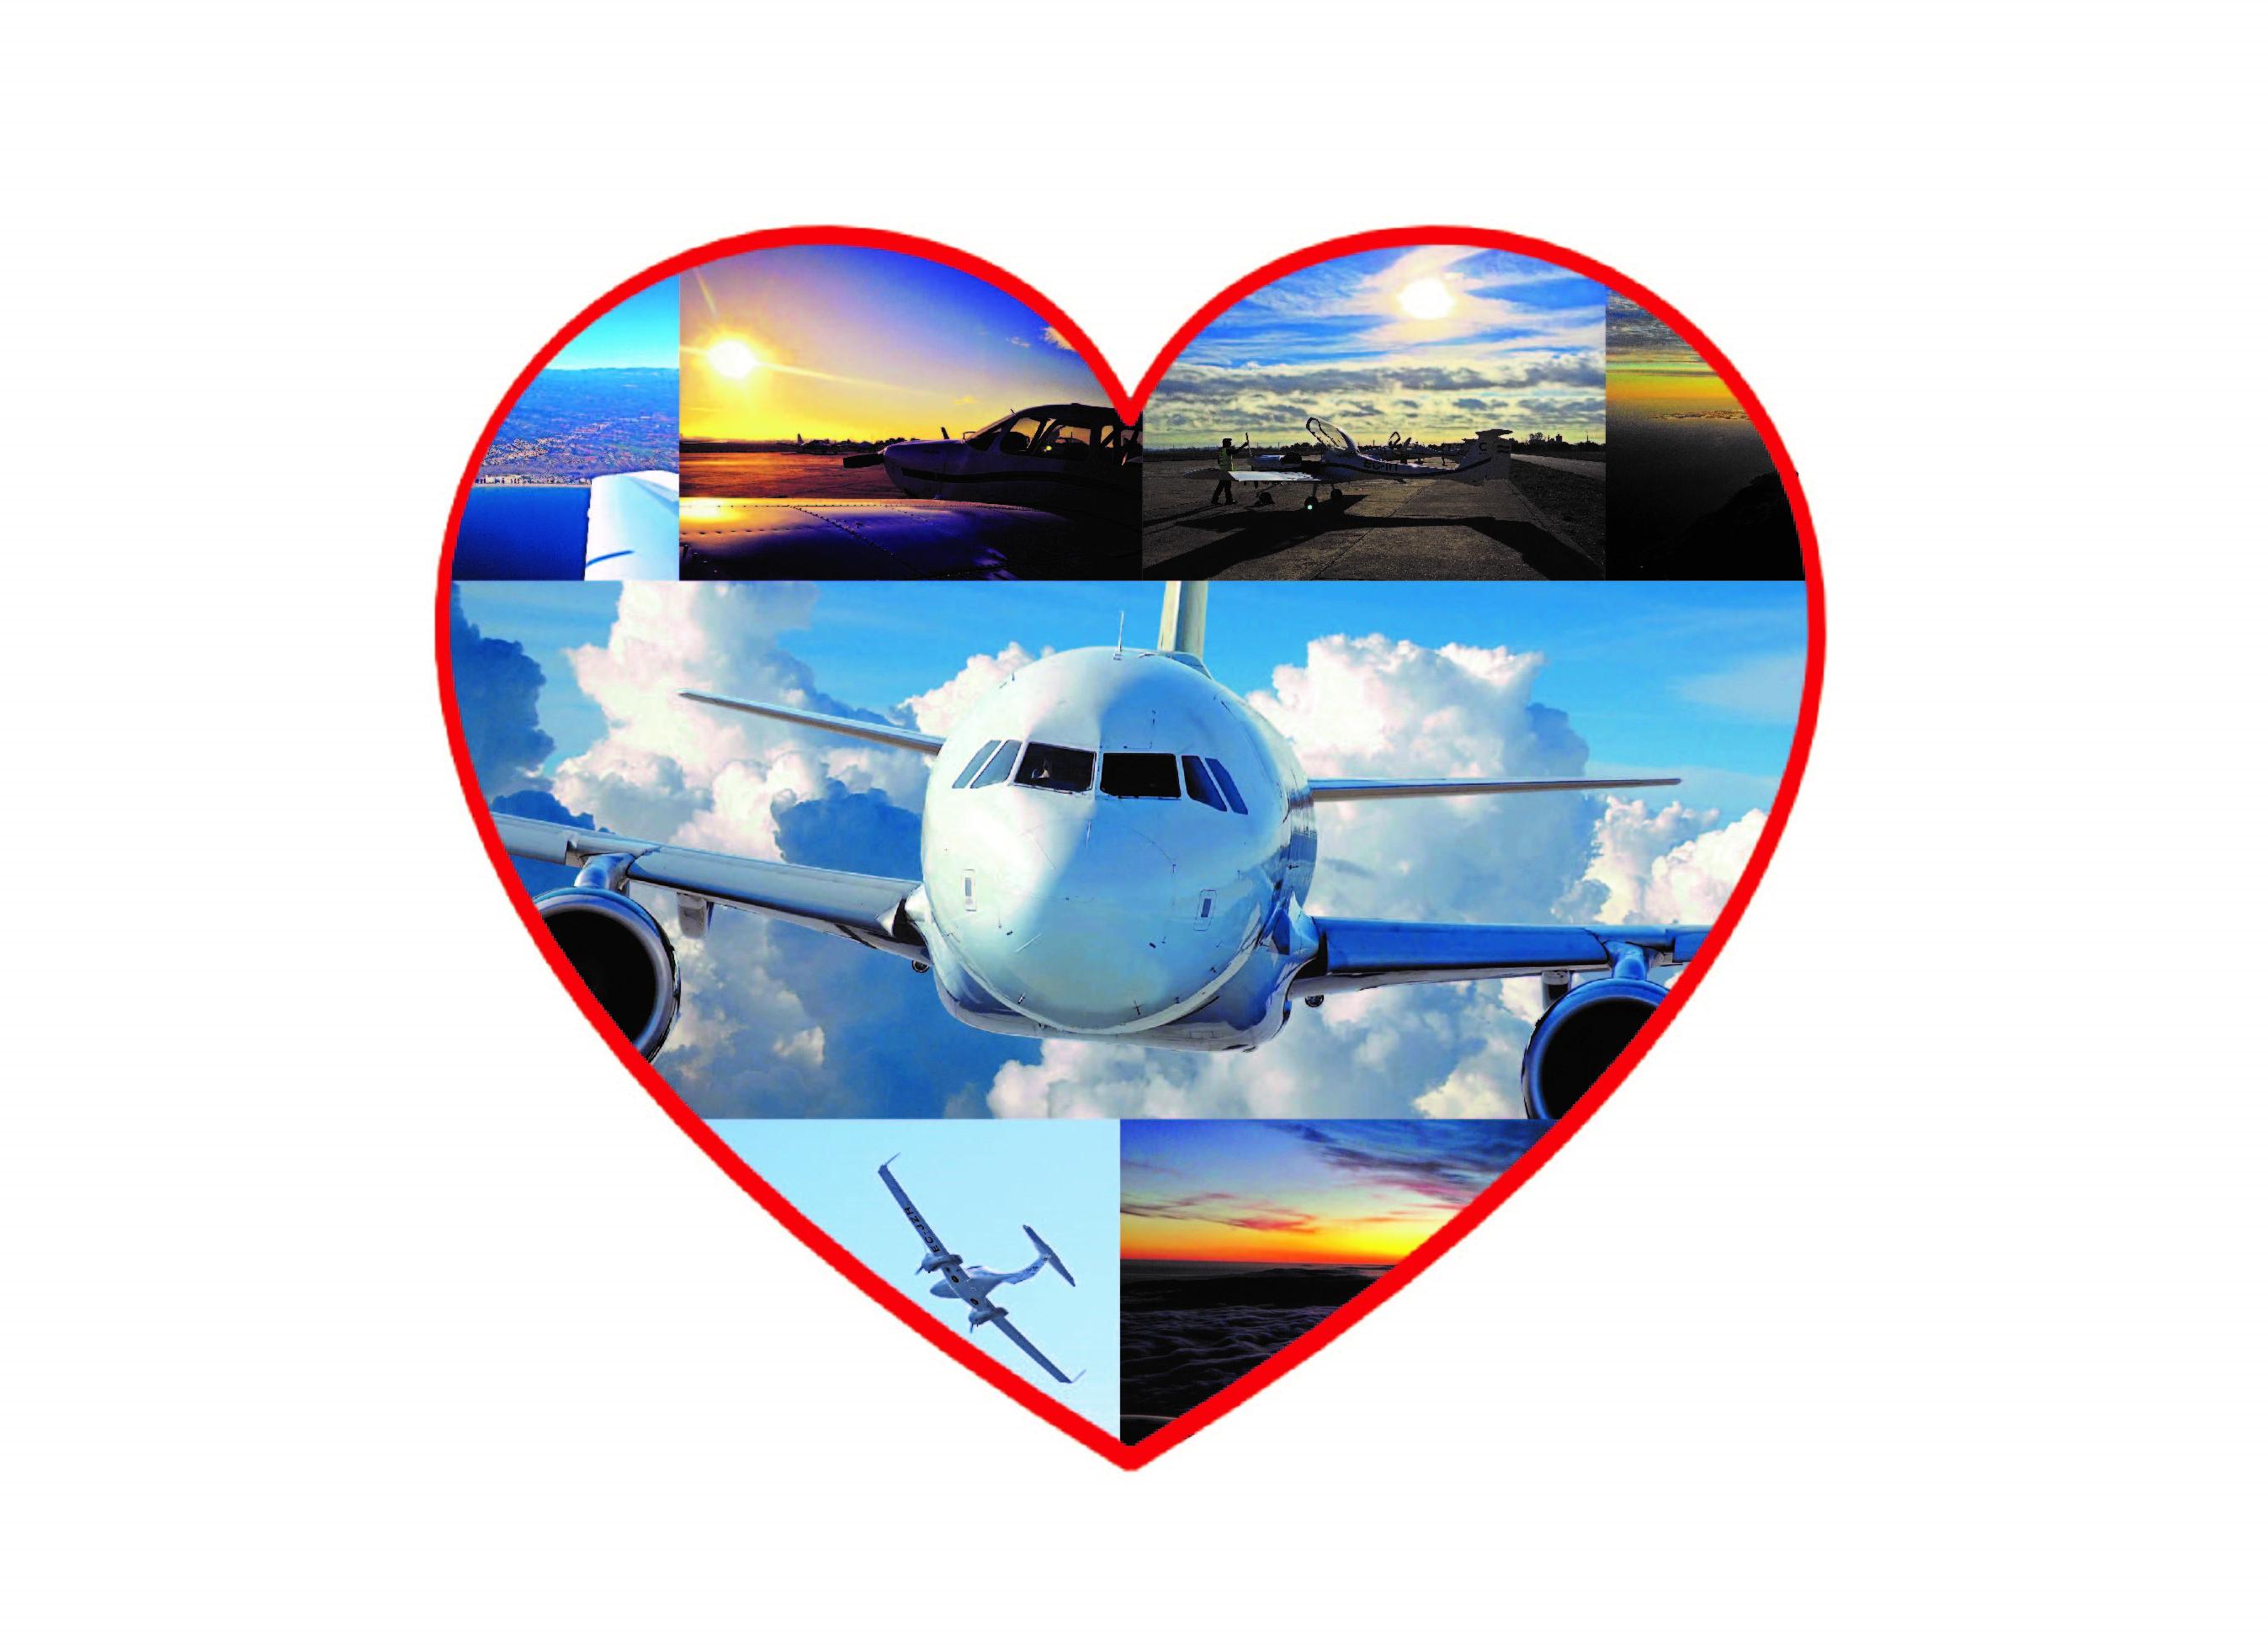 Amor a la aviación, CESDA, escuela de pilotos, love is in the air